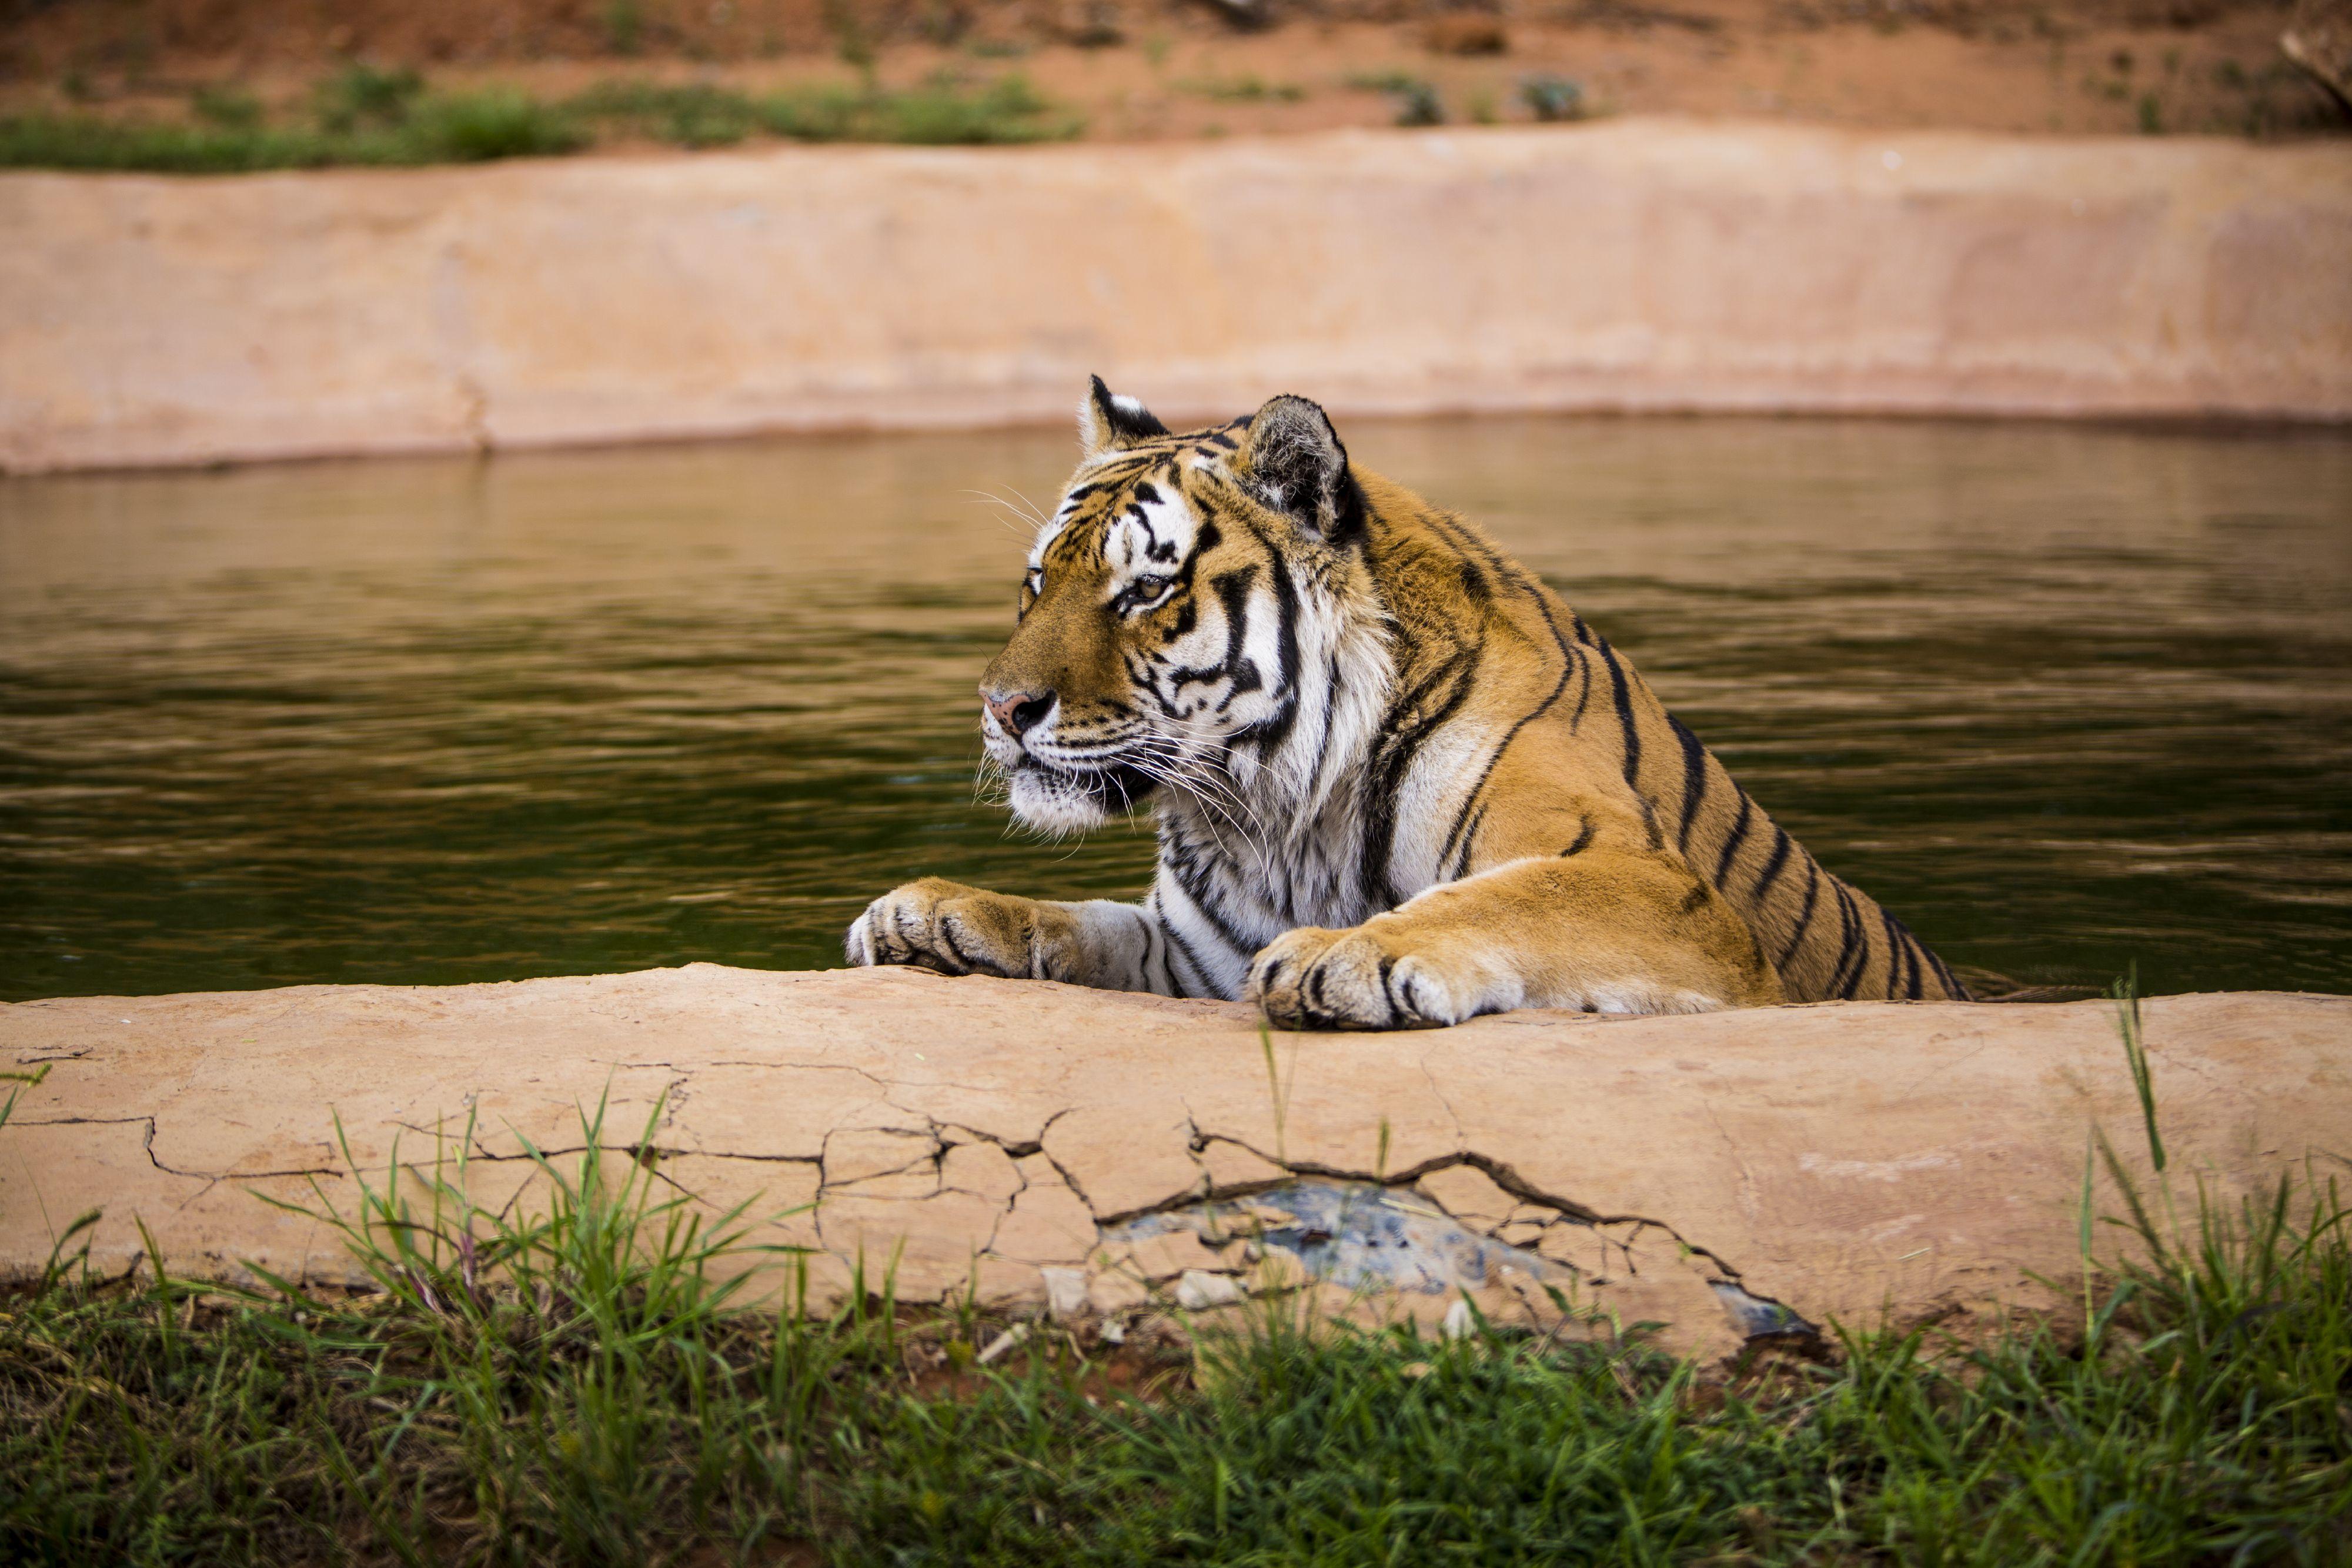 Tiger Raspoetin at LIONSROCK